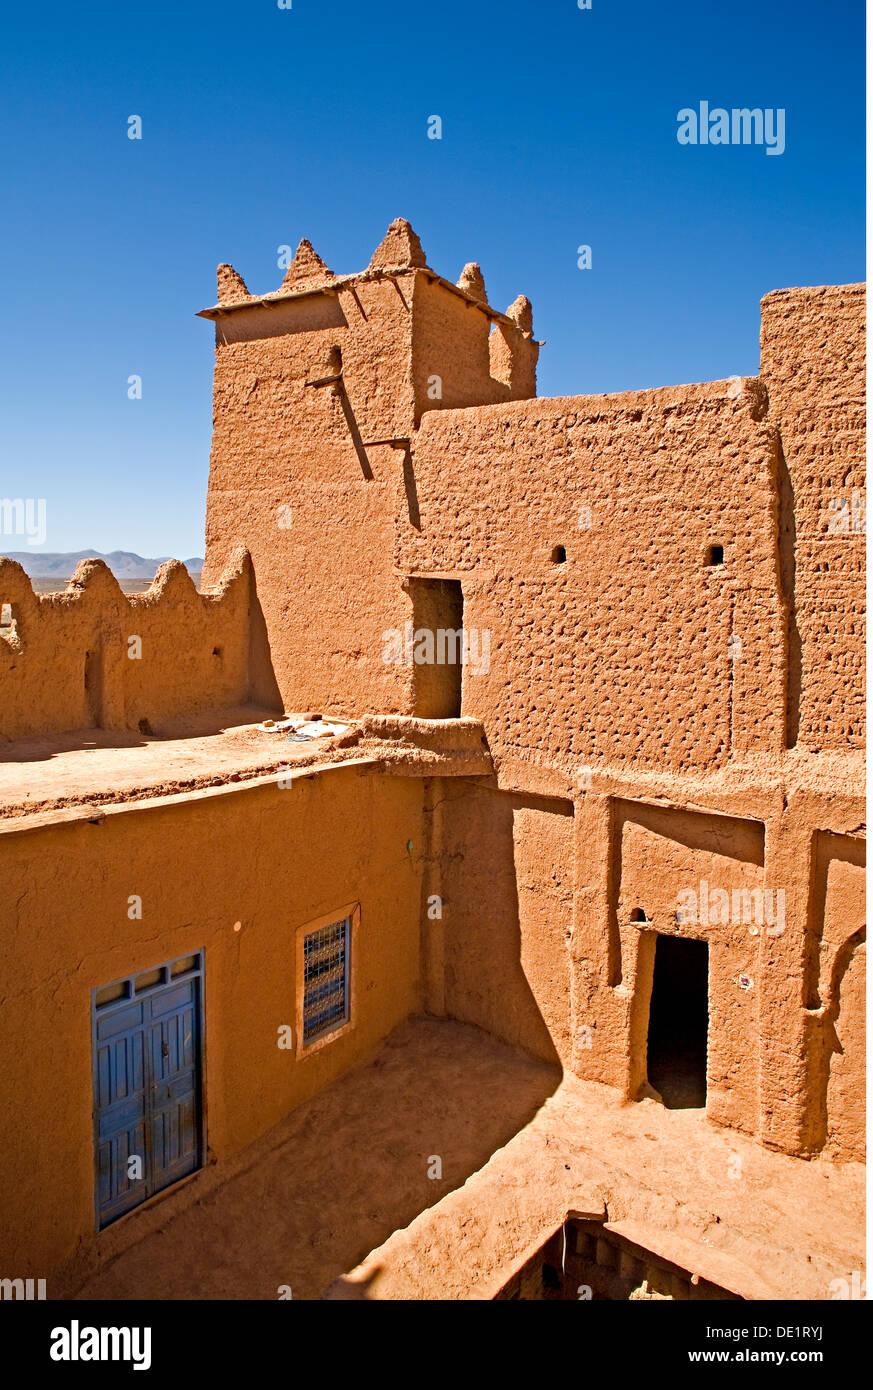 Geografia / viaggi, Marocco, liquidazione dei berberi, Tighremt, Additional-Rights-Clearance-Info-Not-Available Immagini Stock